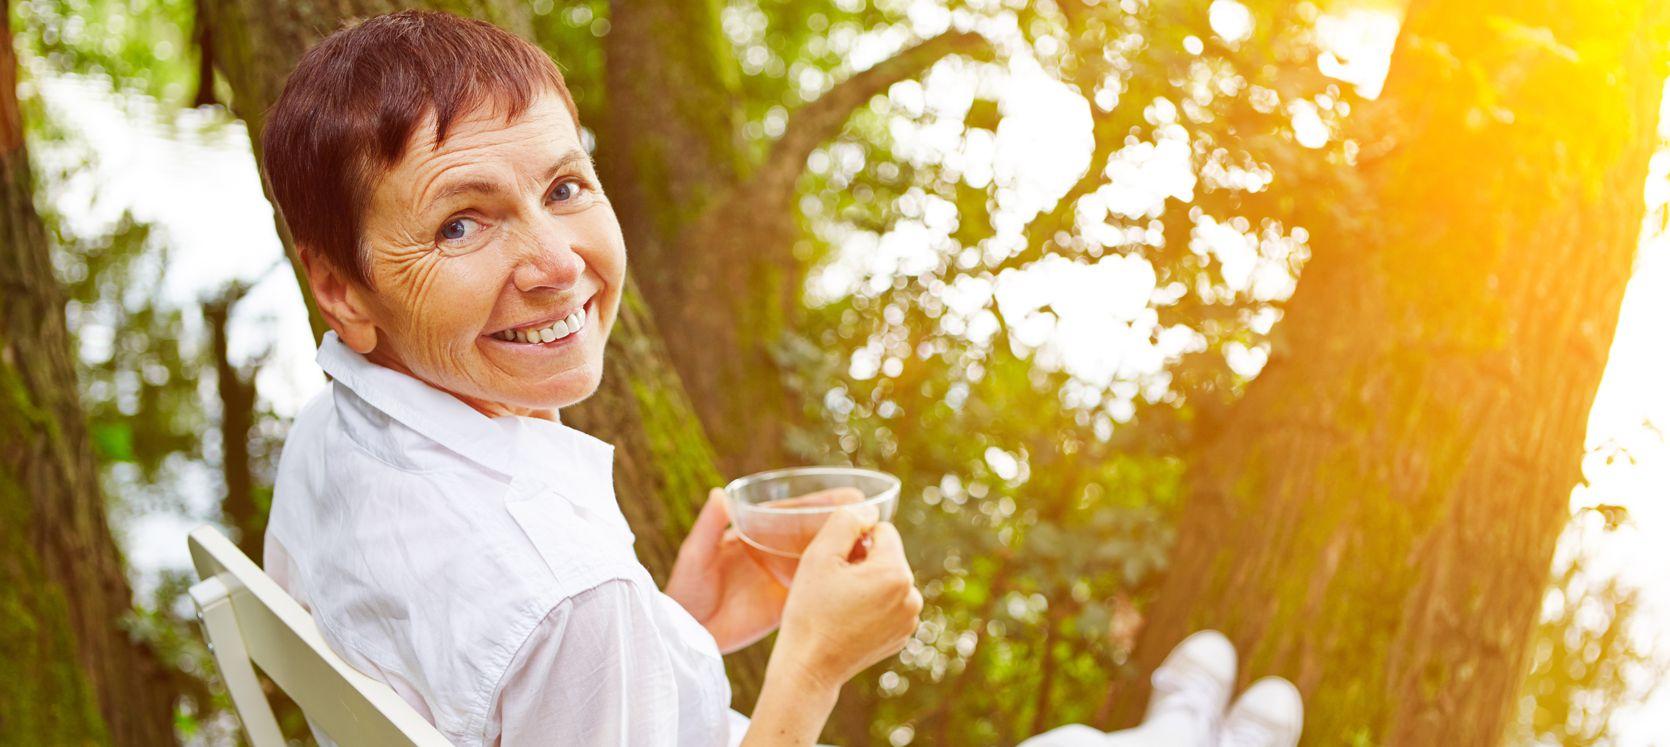 Ikääntynyt nainen istuu ulkona puuston lomassa teekuppi kädessä ja hymyilee olkansa yli